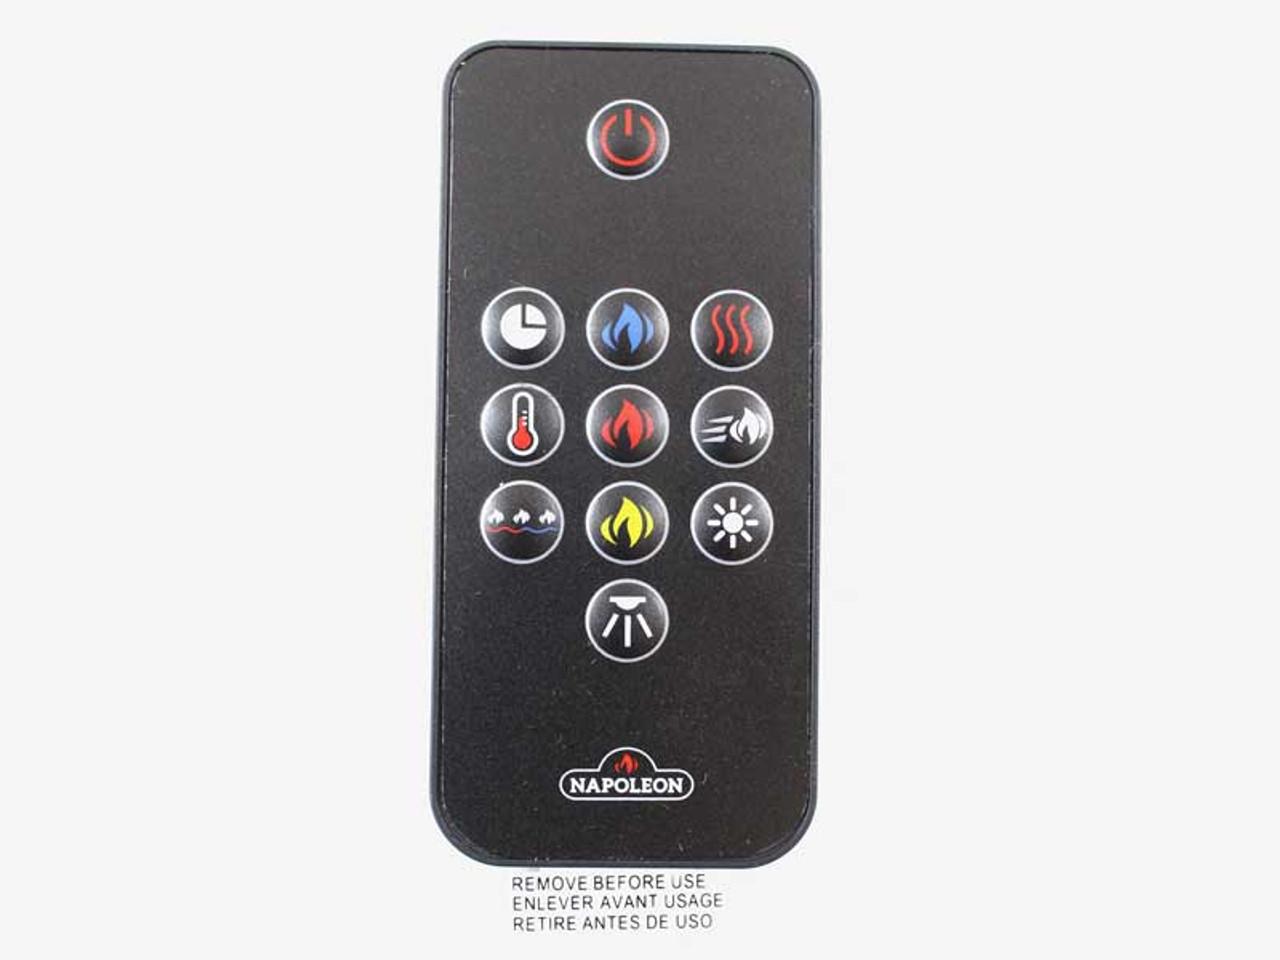 Napoleon Alluravision Deep Depth Series Remote Control W660 0210 Ser